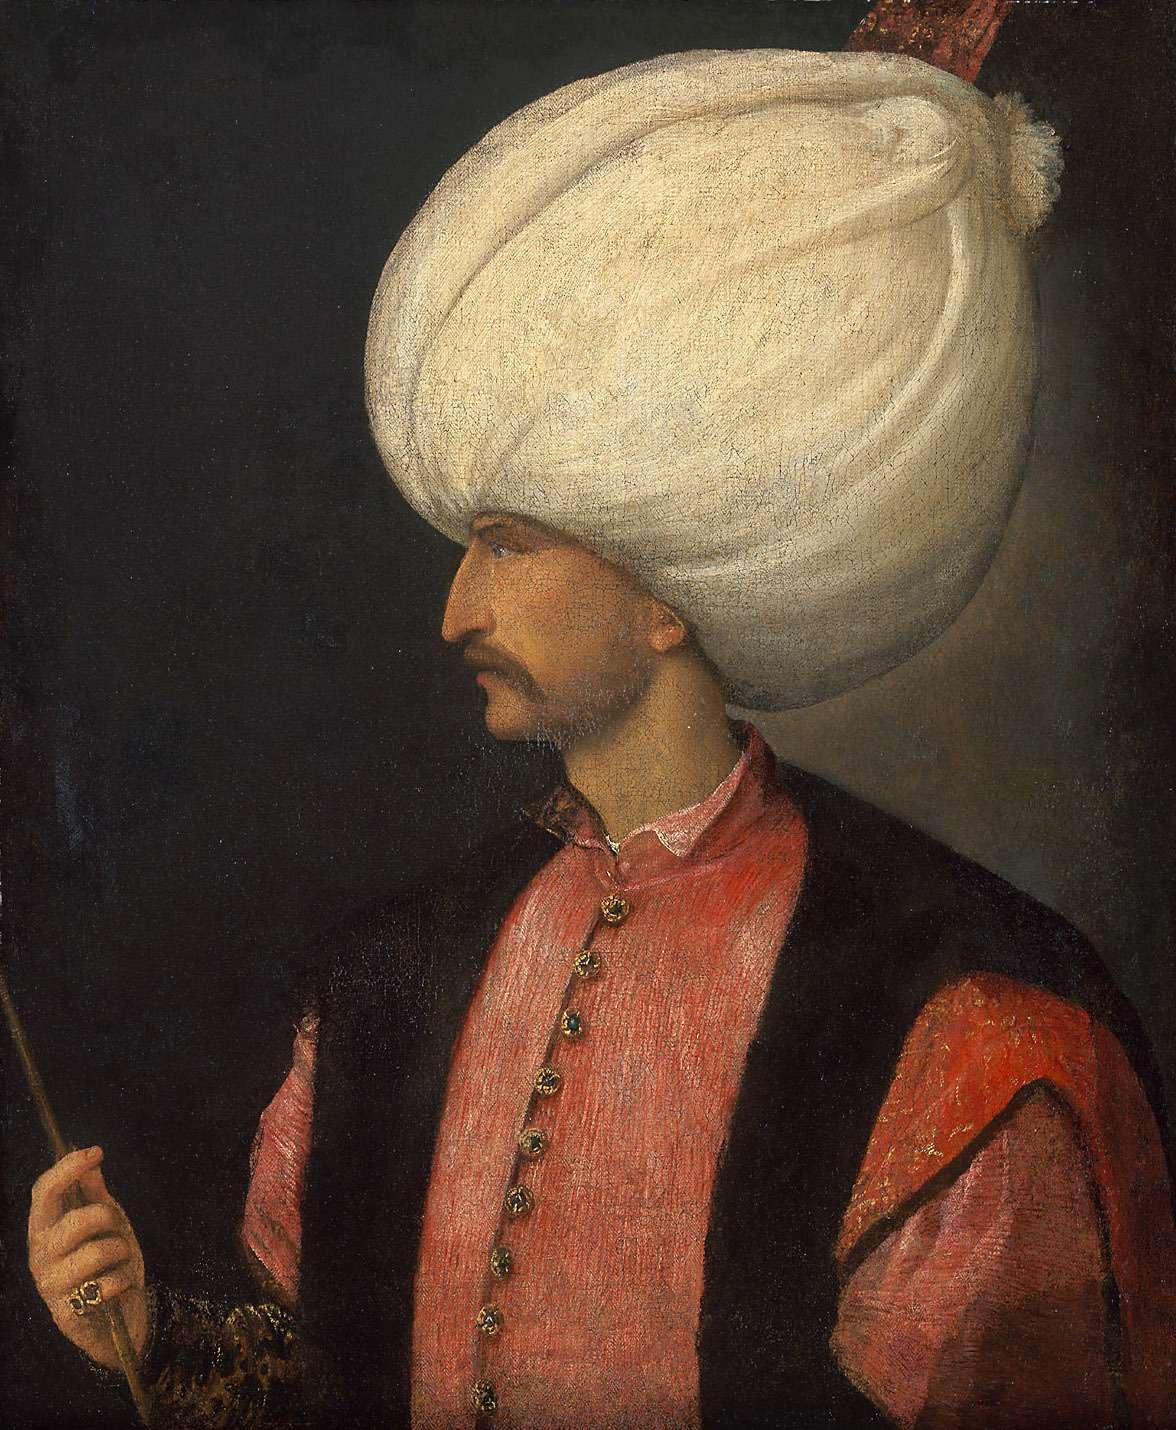 """Ο Σουλεϊμάν Α΄ (I. Süleyman], 6 Νοεμβρίου 1494 – 7 Σεπτεμβρίου 1566), κοινώς γνωστός ως Σουλεϊμάν Α΄ ο Μεγαλοπρεπής στον δυτικό κόσμο και """"Κανουνί"""" (ο Νομοθέτης) στο βασίλειό του, ήταν ο δέκατος σουλτάνος της Οθωμανικής αυτοκρατορίας, από το 1520 έως τον θάνατό του το 1566."""